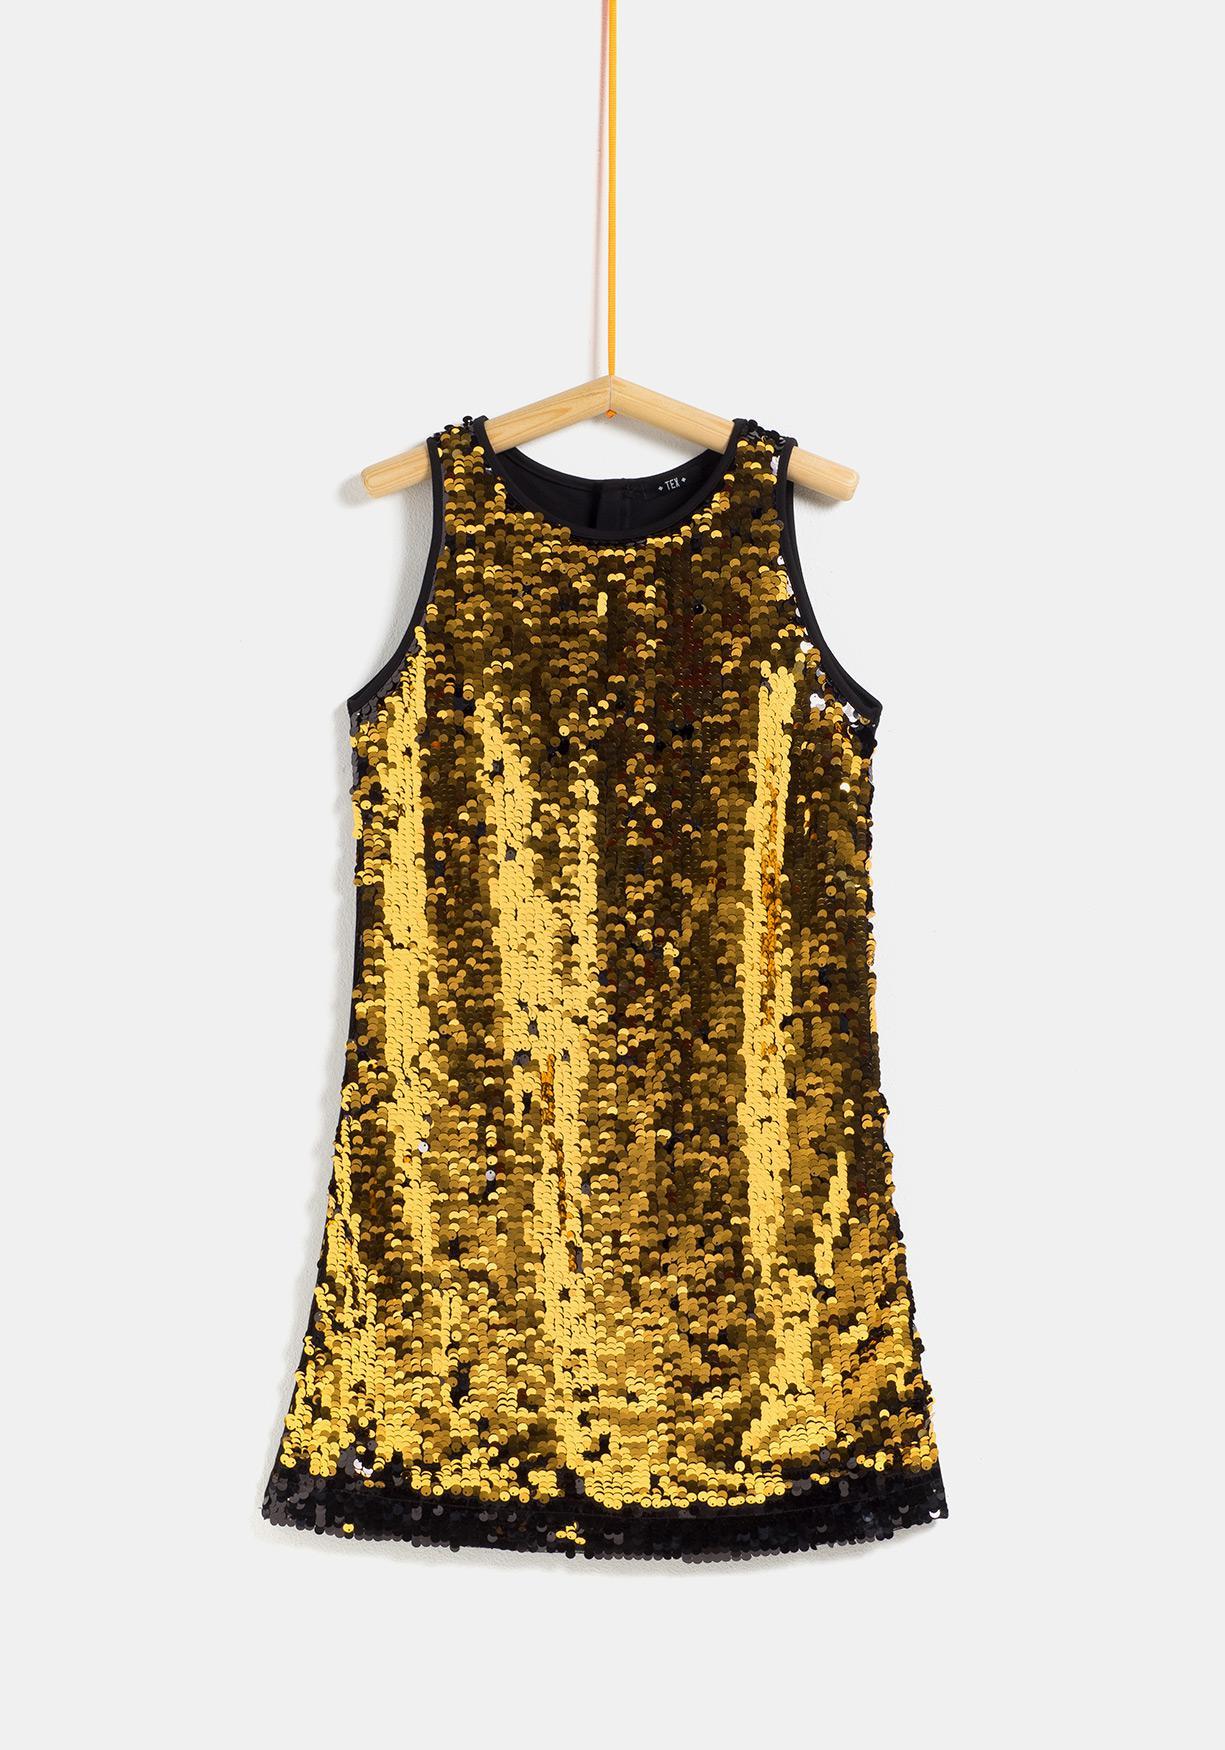 c0ea7a0e Comprar Vestido corto de fiesta TEX. ¡Aprovéchate de nuestros ...